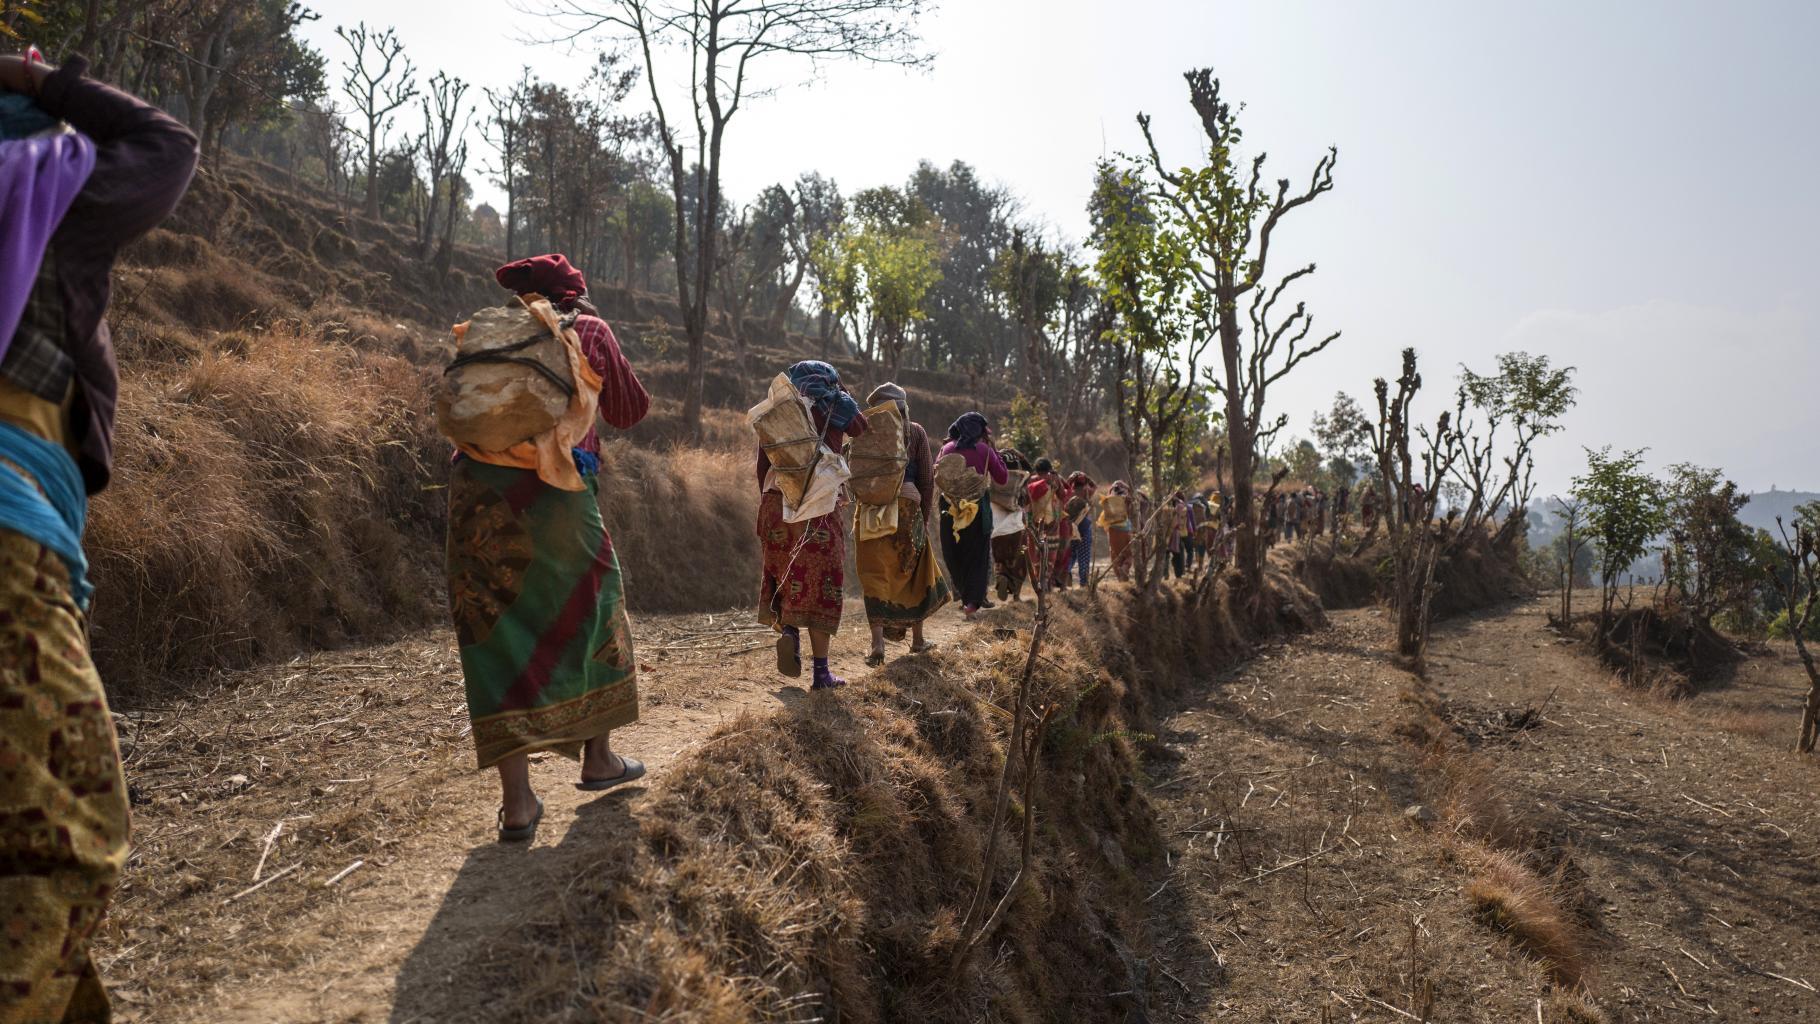 Frauen gehen, große Steine auf dem Rücken tragend, hintereinander auf einem Pfad.